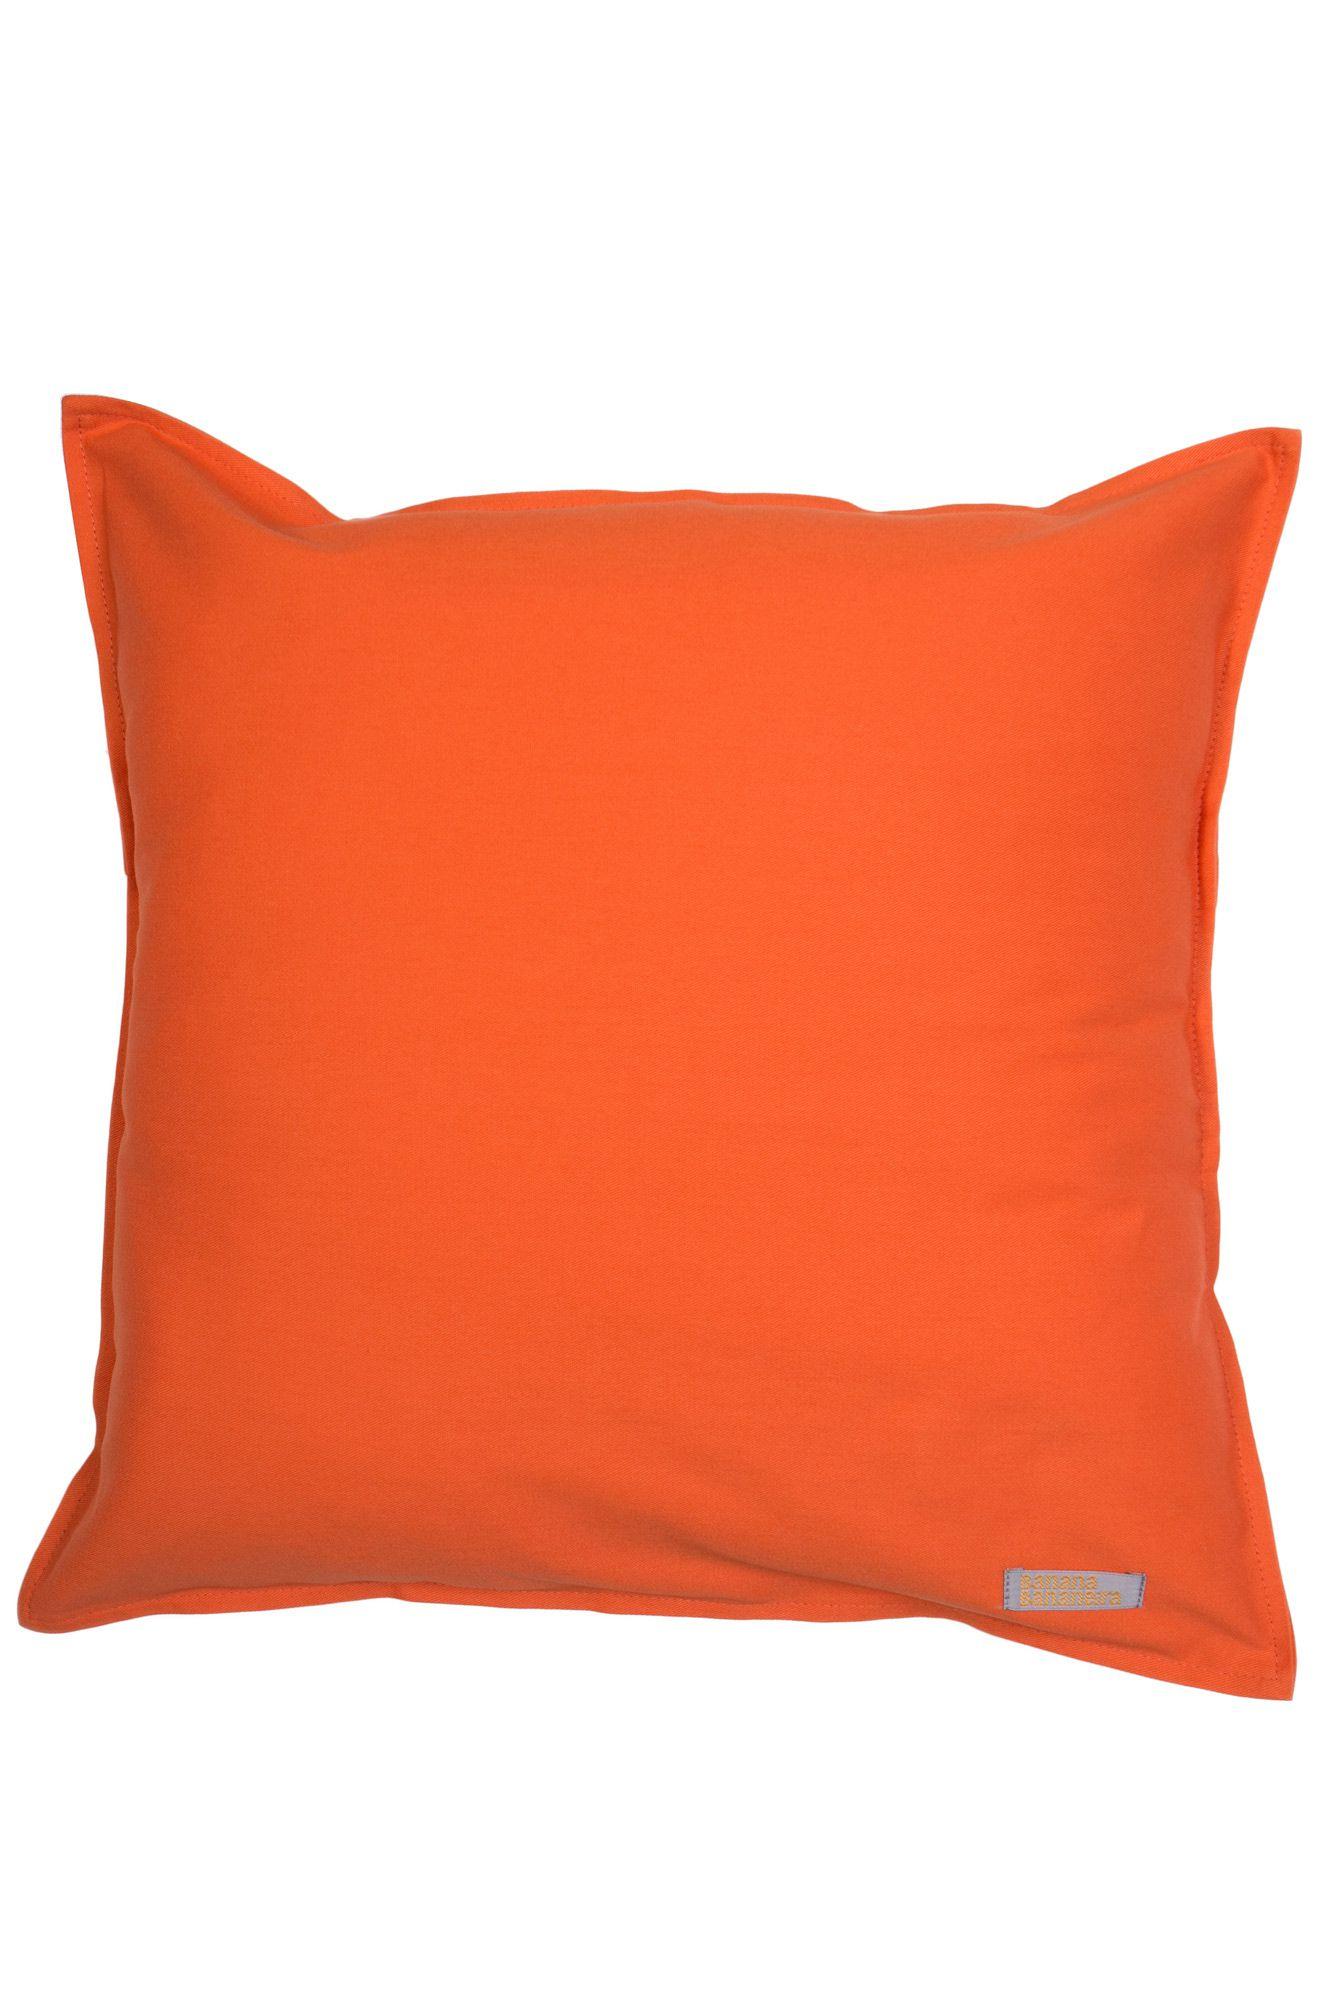 Capa de almofada em pesponto 45 cm x 45 cm laranja